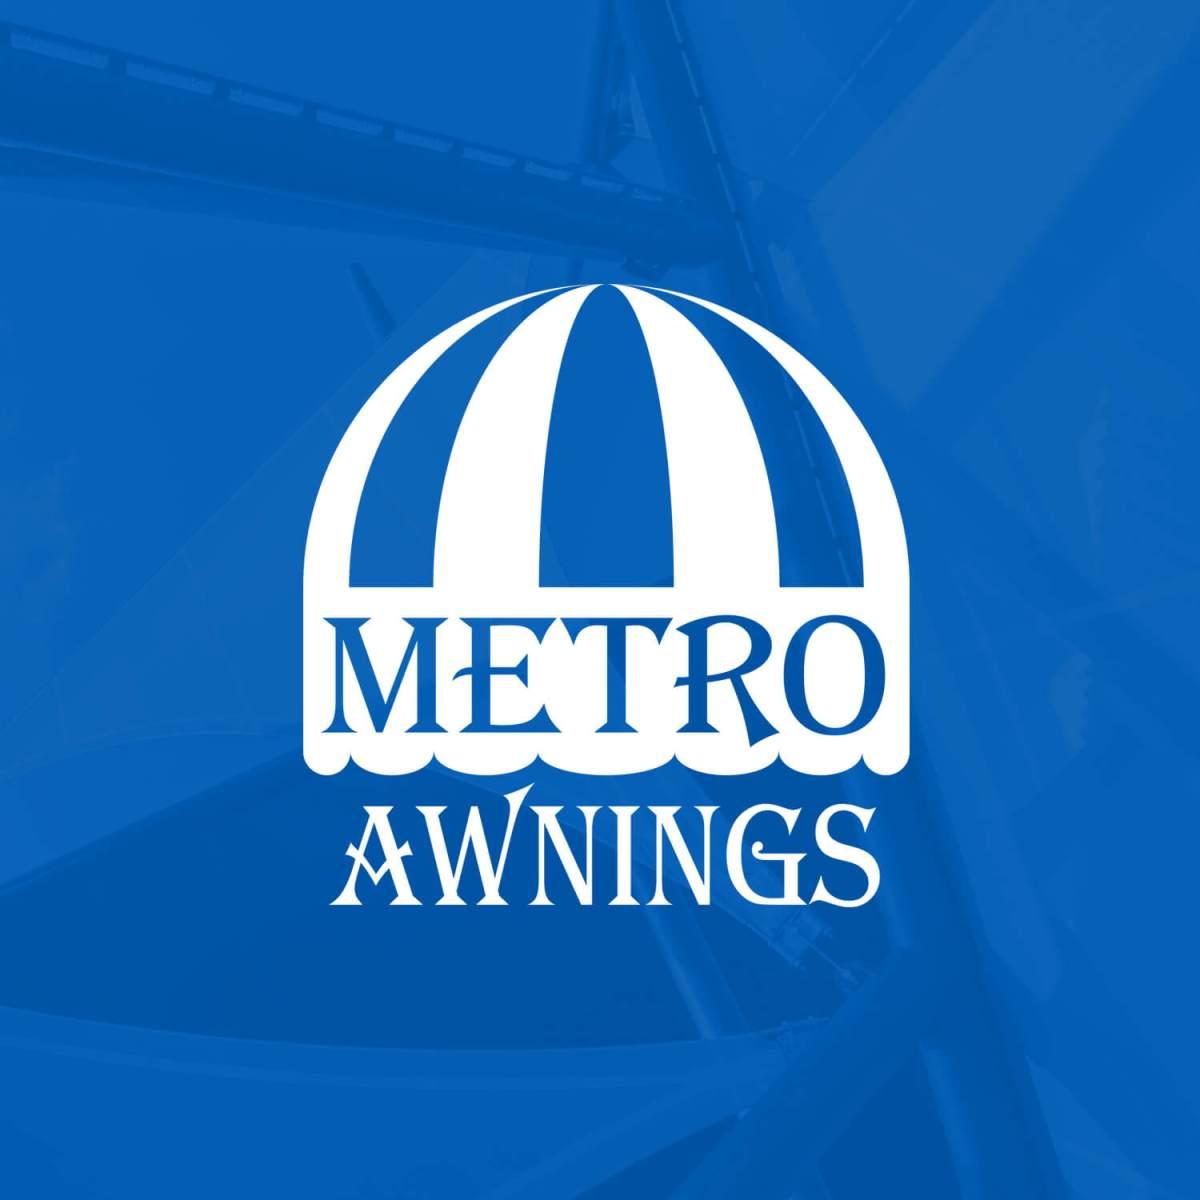 Metro Awnings Brand Logo - Las Vegas, Nevada